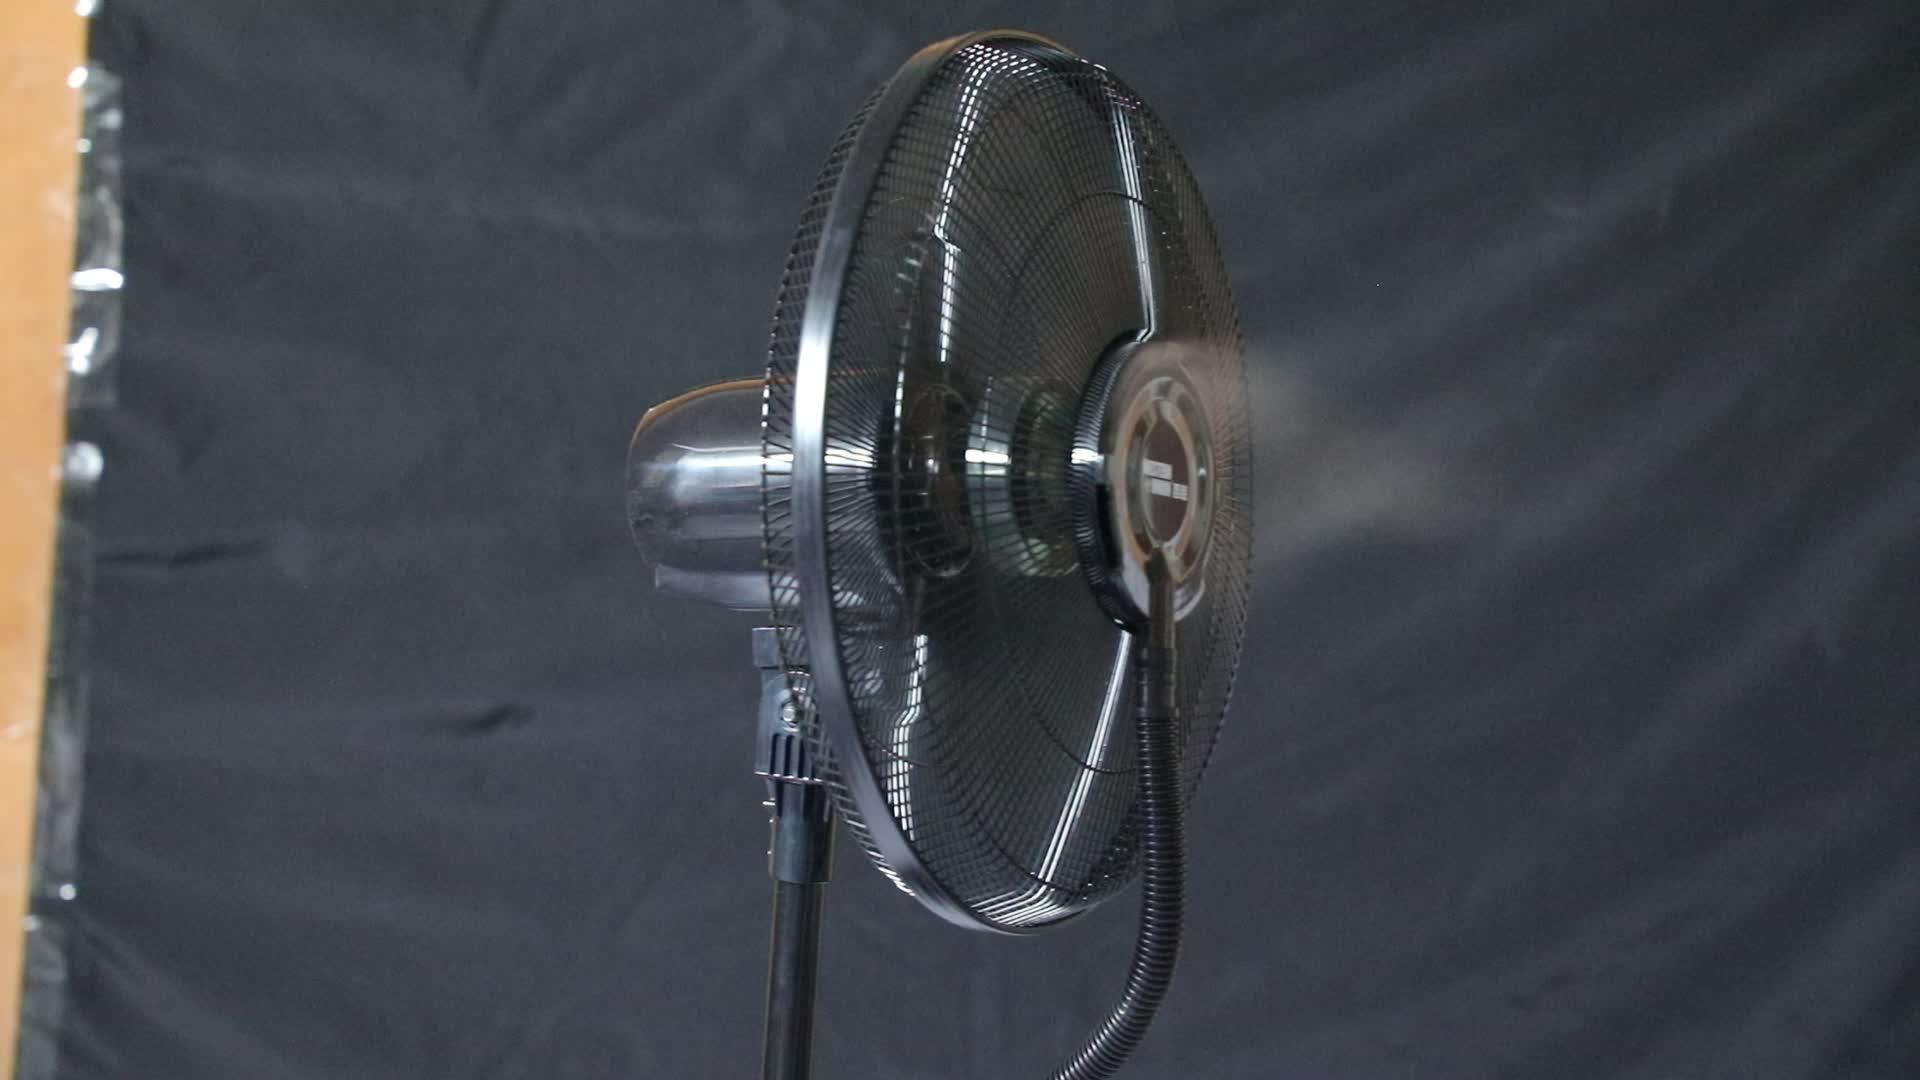 groothandel afstandsbediening 16 inch ultrasone luchtbevochtiger lucht binnenshuis staande spray koelwater mist ventilator